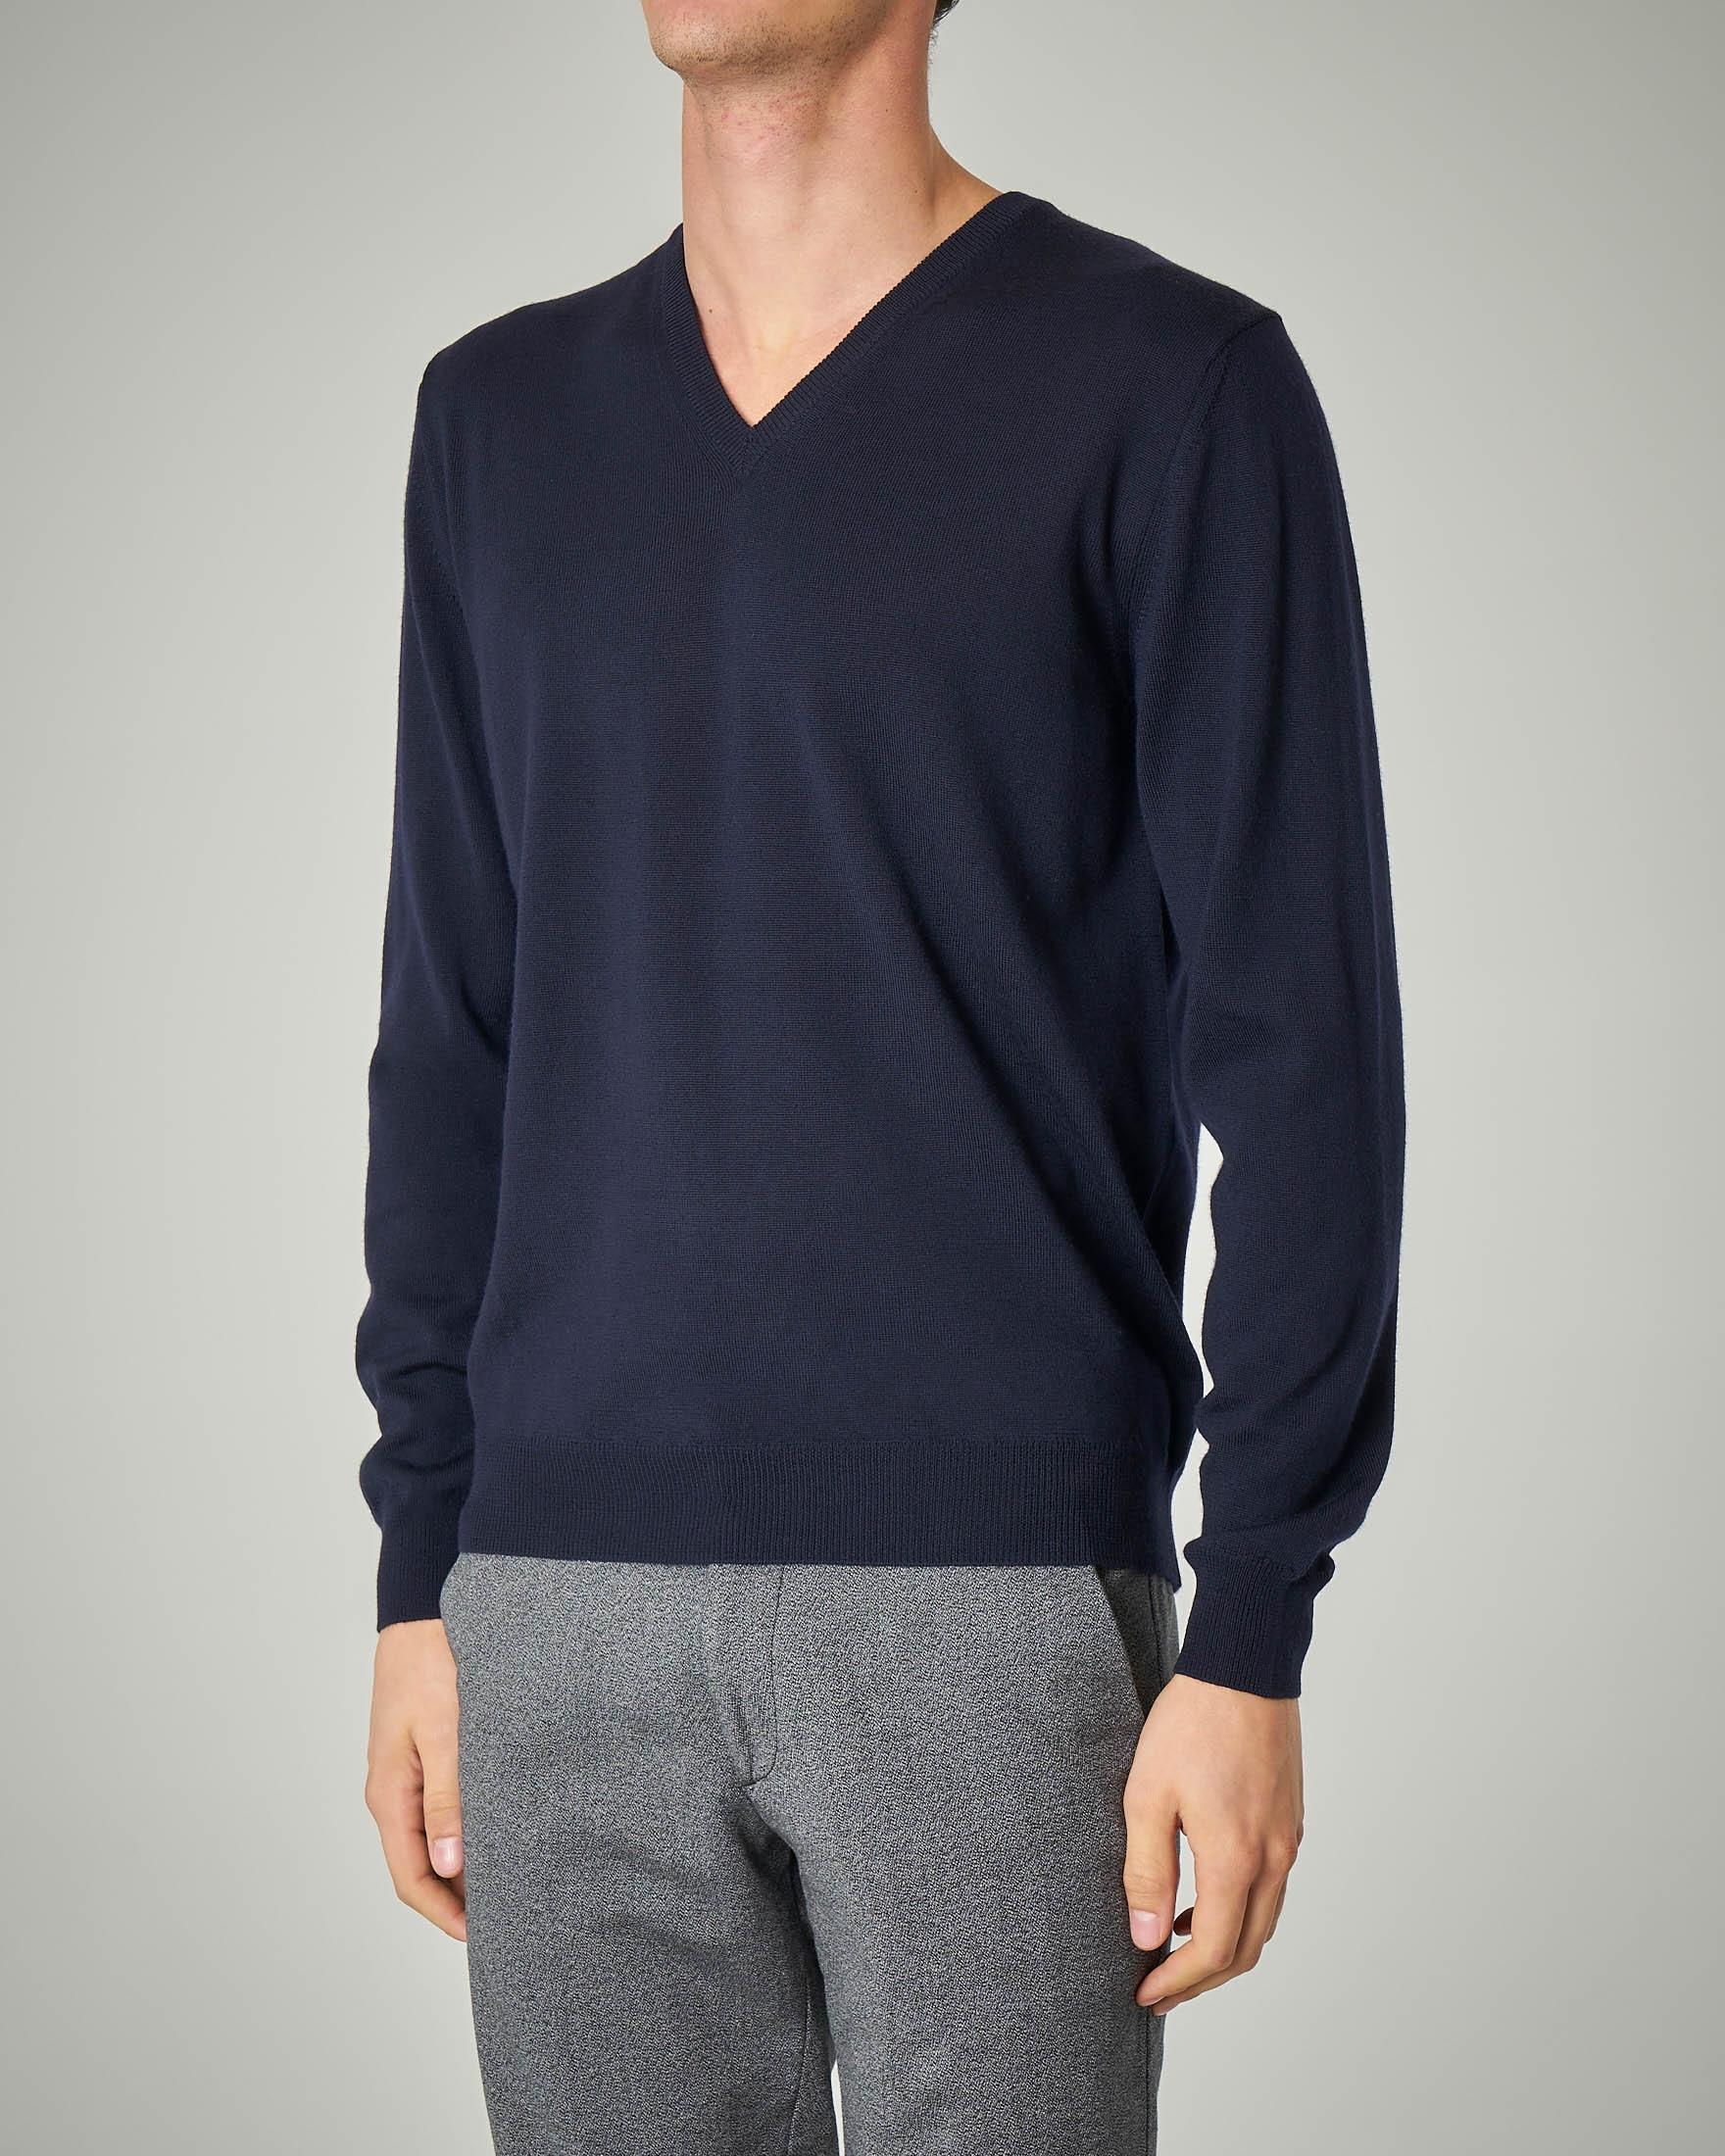 Maglia blu scollo a V in lana merino